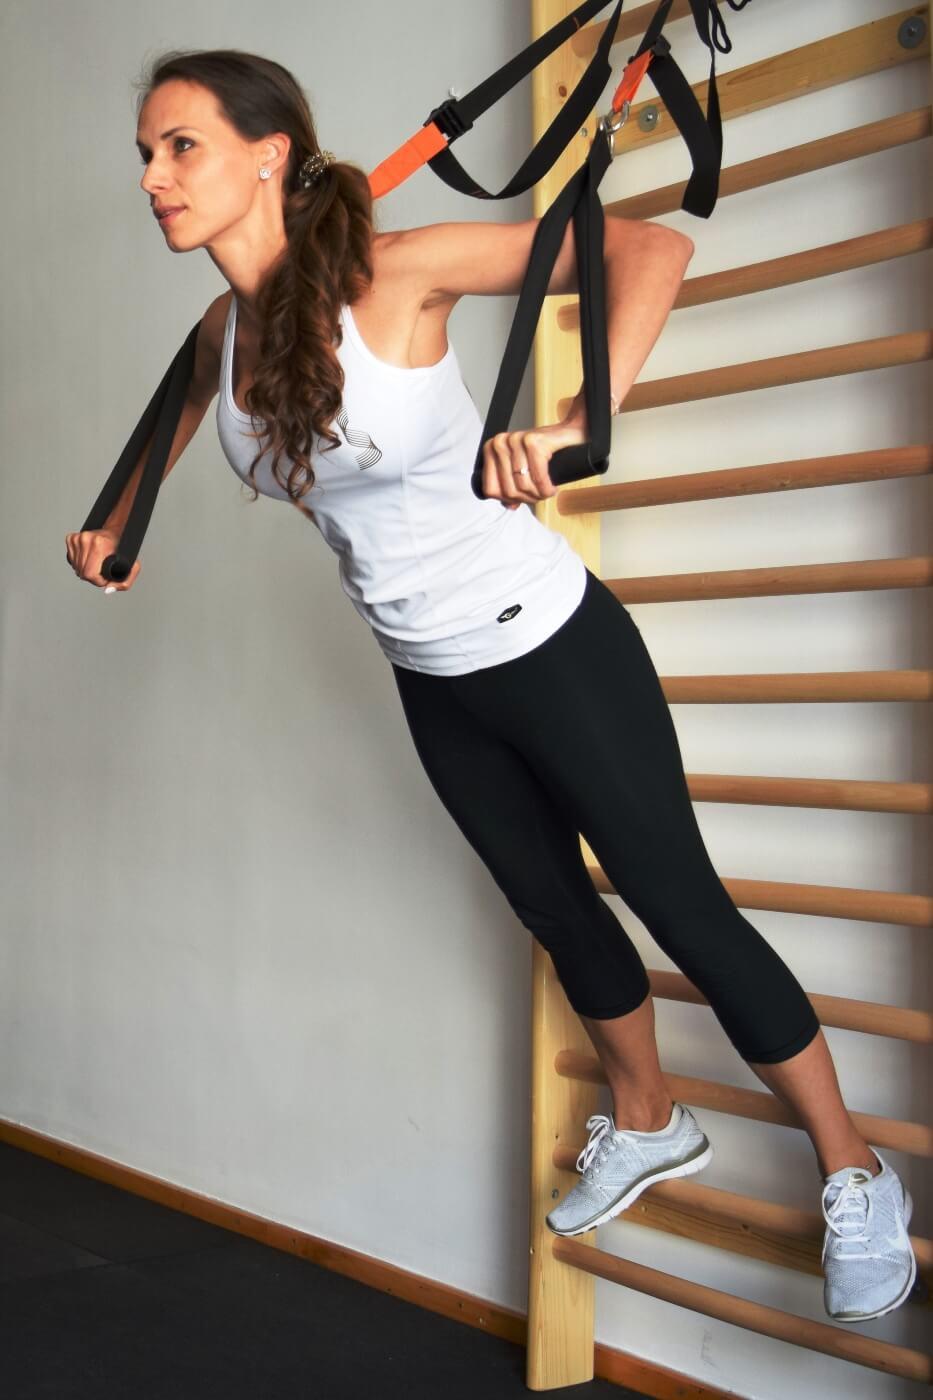 SHE Fitness terem Székesfehérvár Szakál Kata